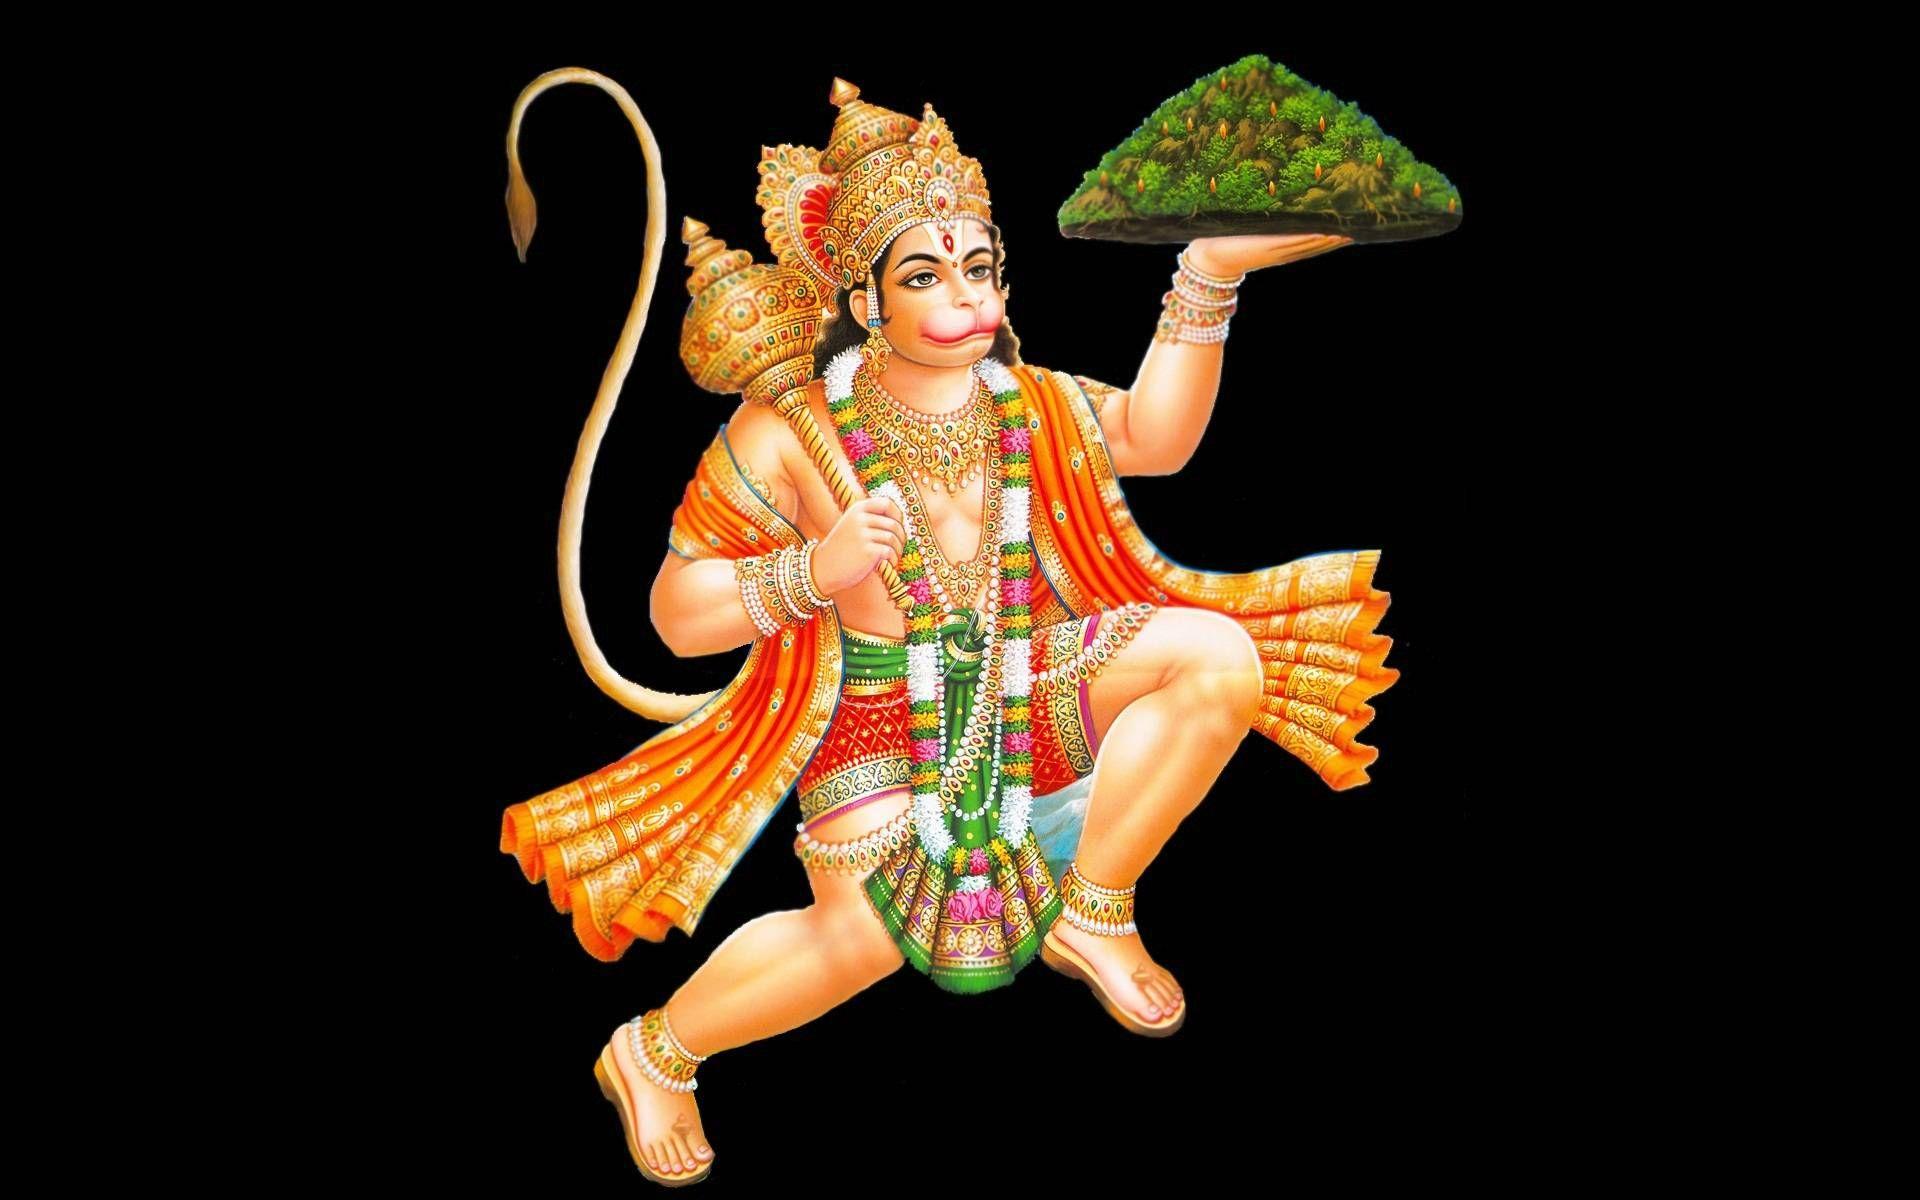 lord hanuman mountain taken in hand jai bajrang bali religious